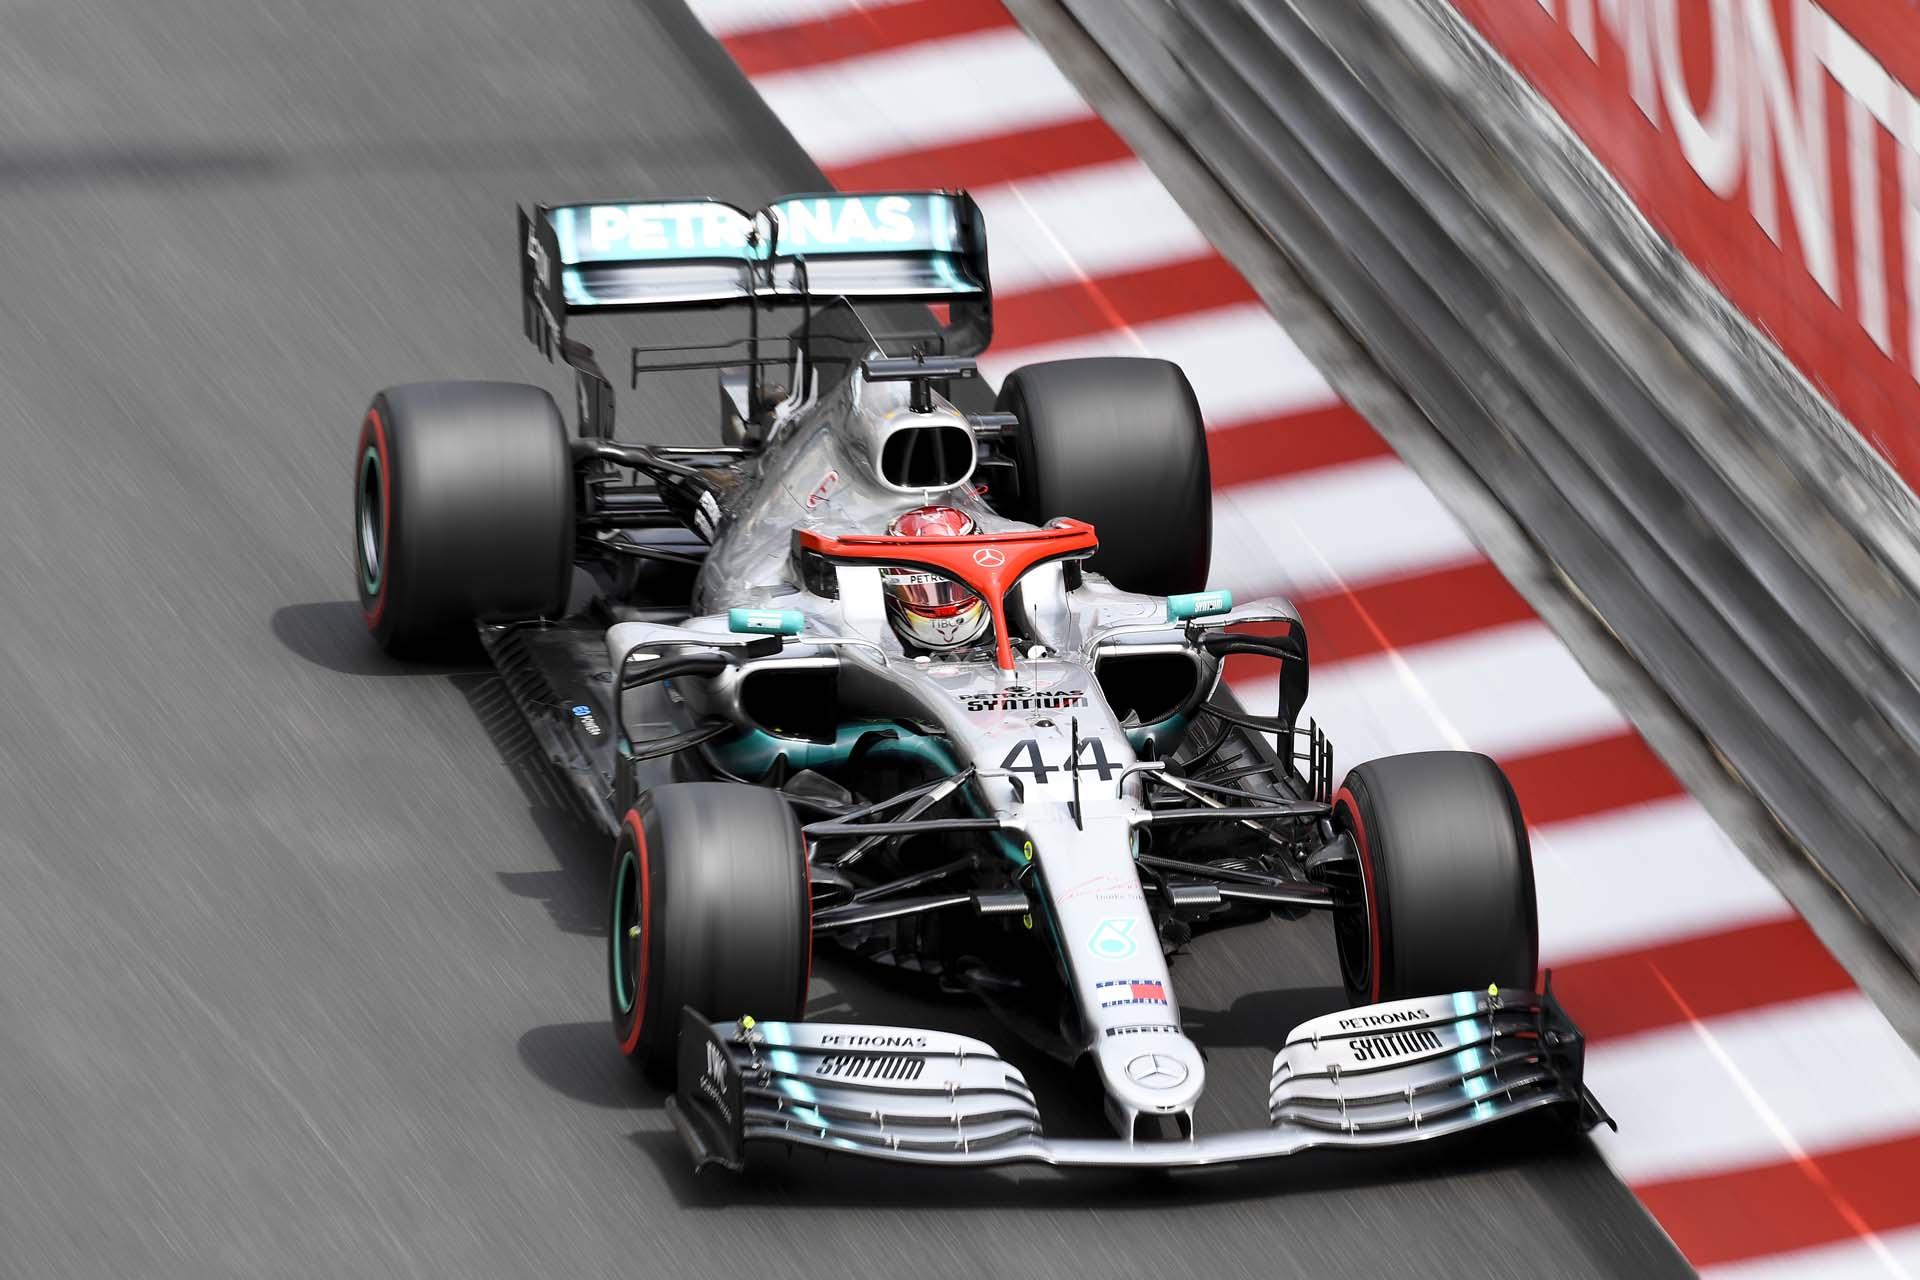 Großer Preis von Monaco 2019, Samstag - LAT Images